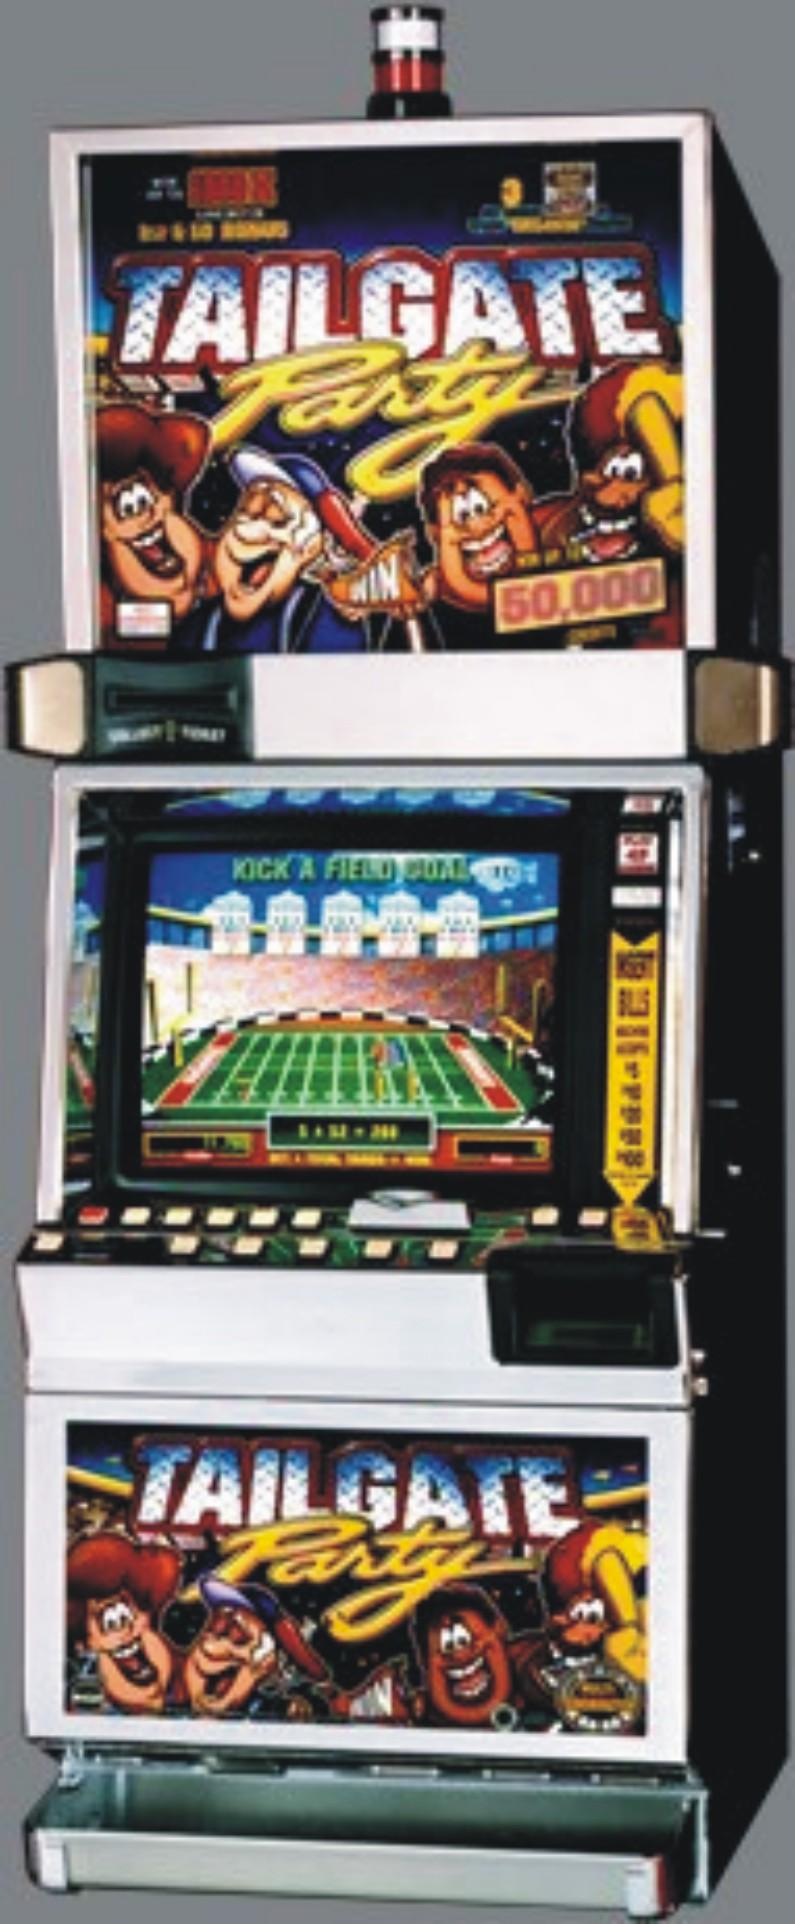 Dingo casino review